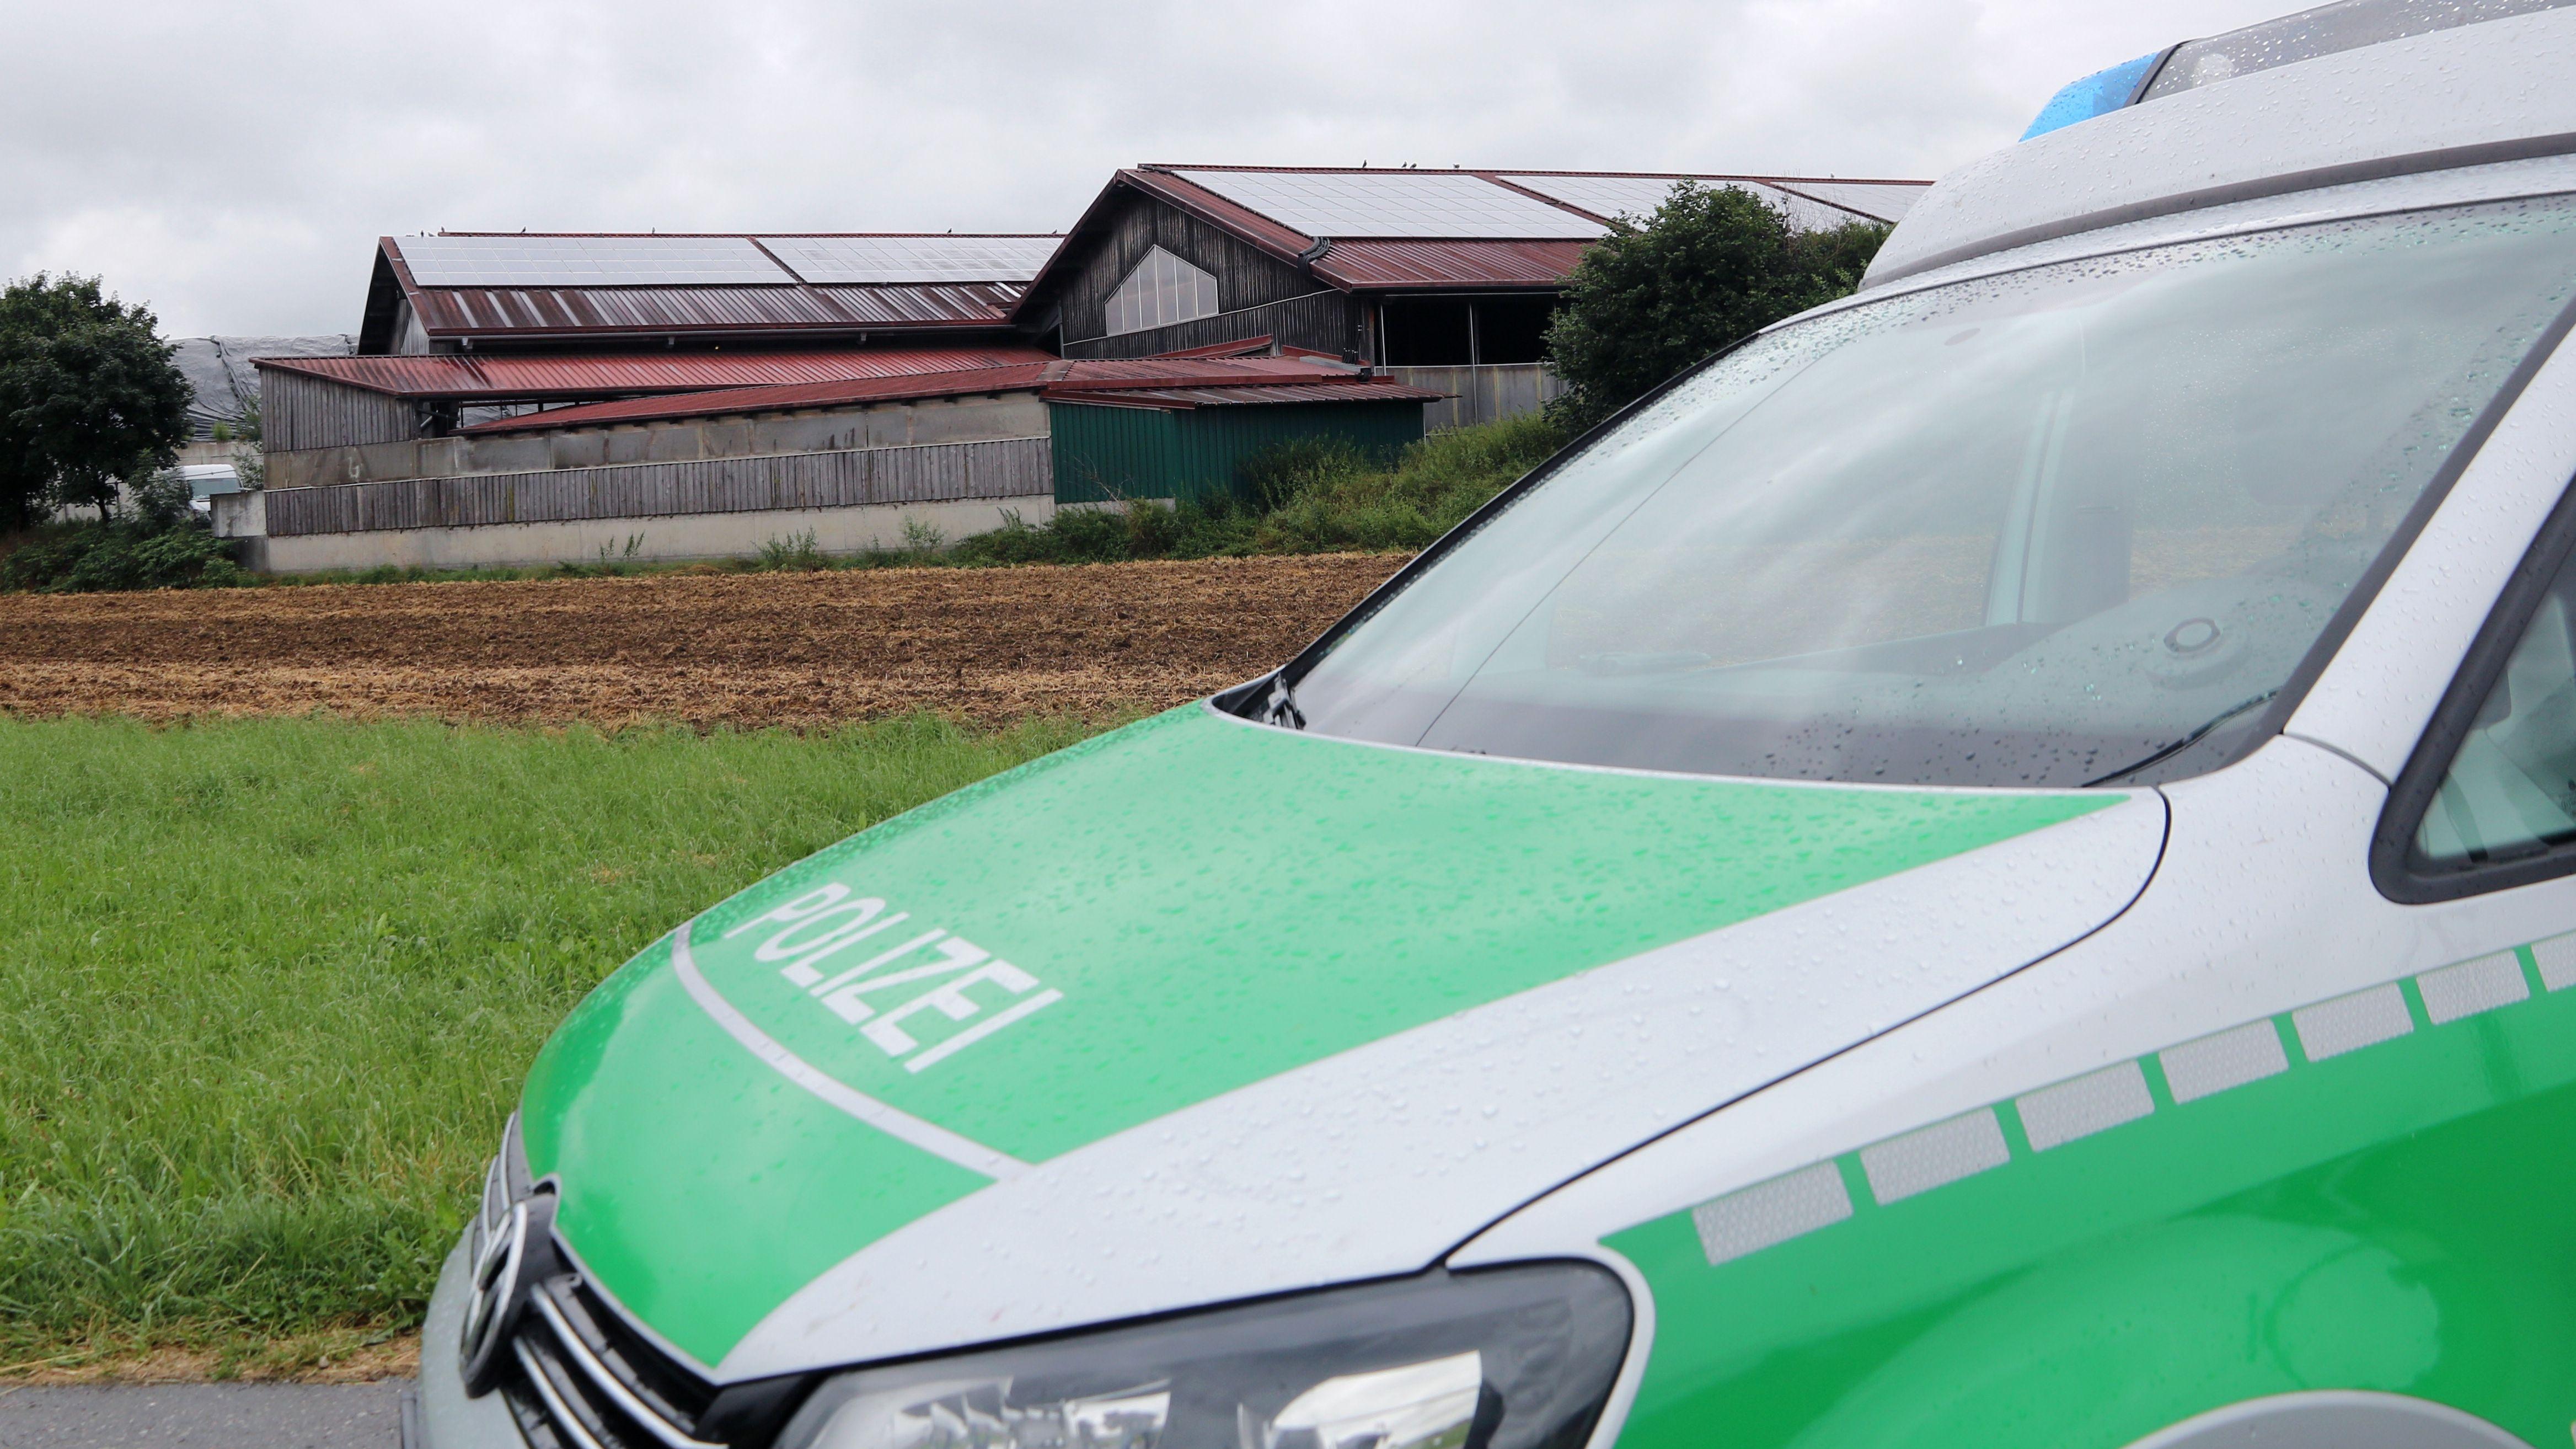 Bad Grönenbach: Polizei ist an einem Bauernhof zu sehen